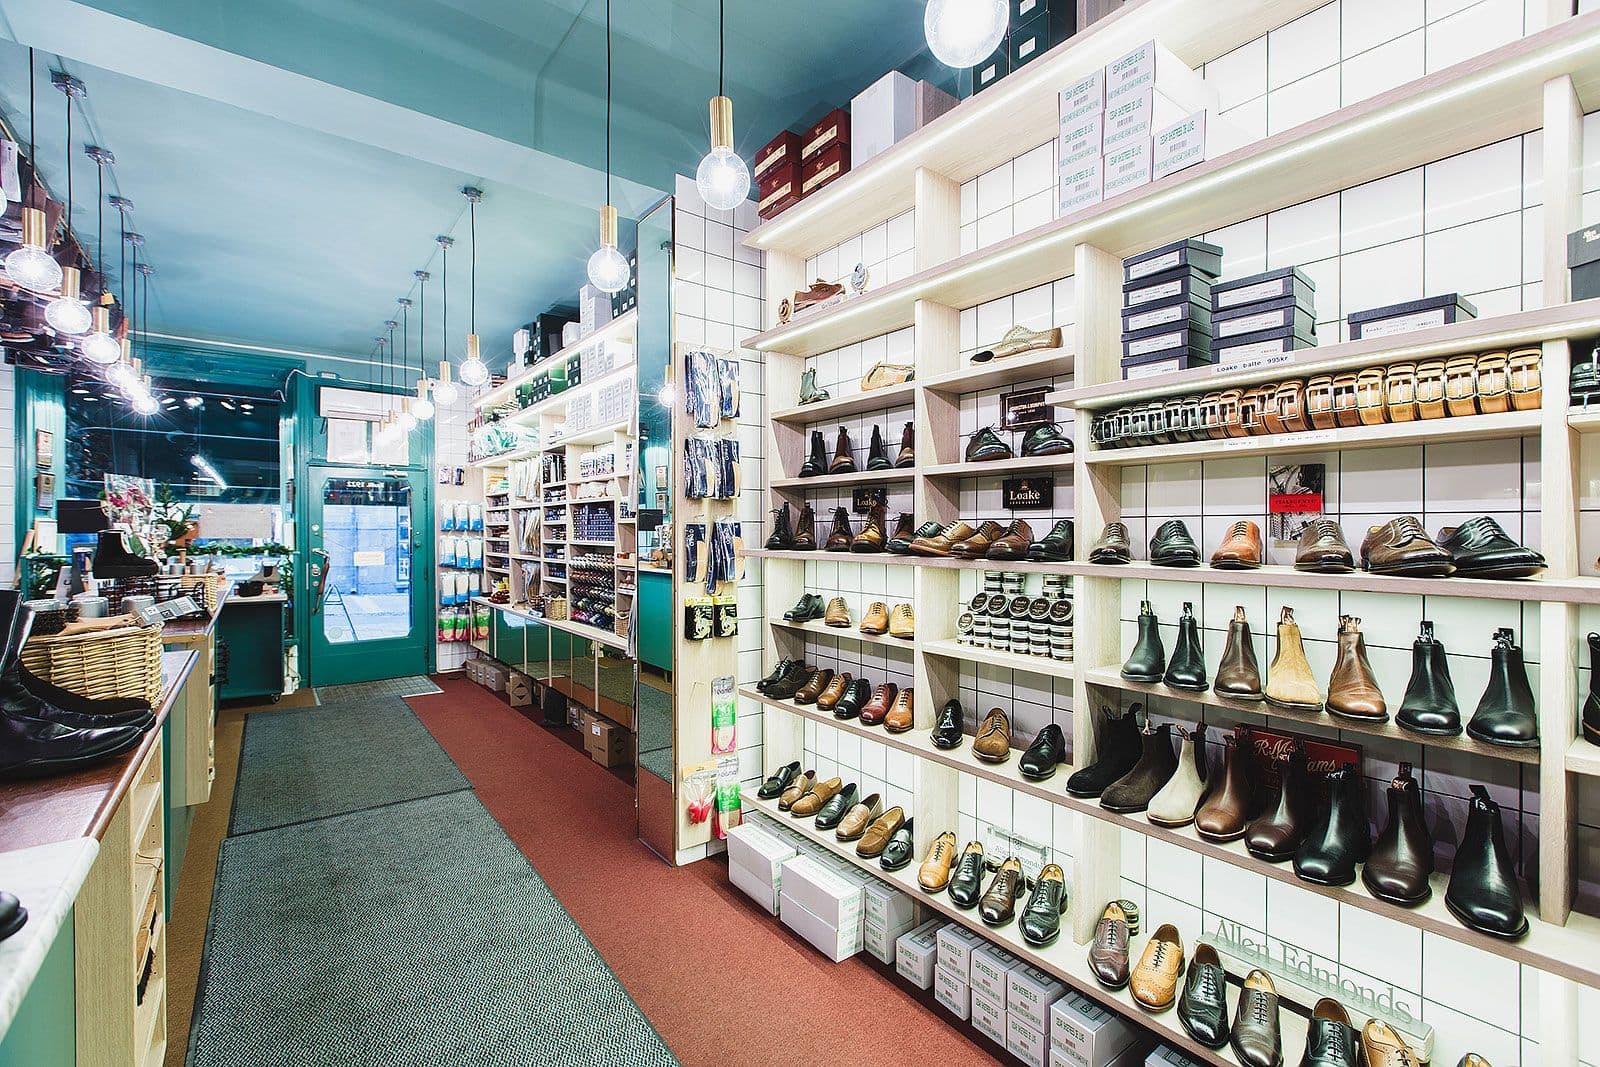 bra skoaffärer i stockholm